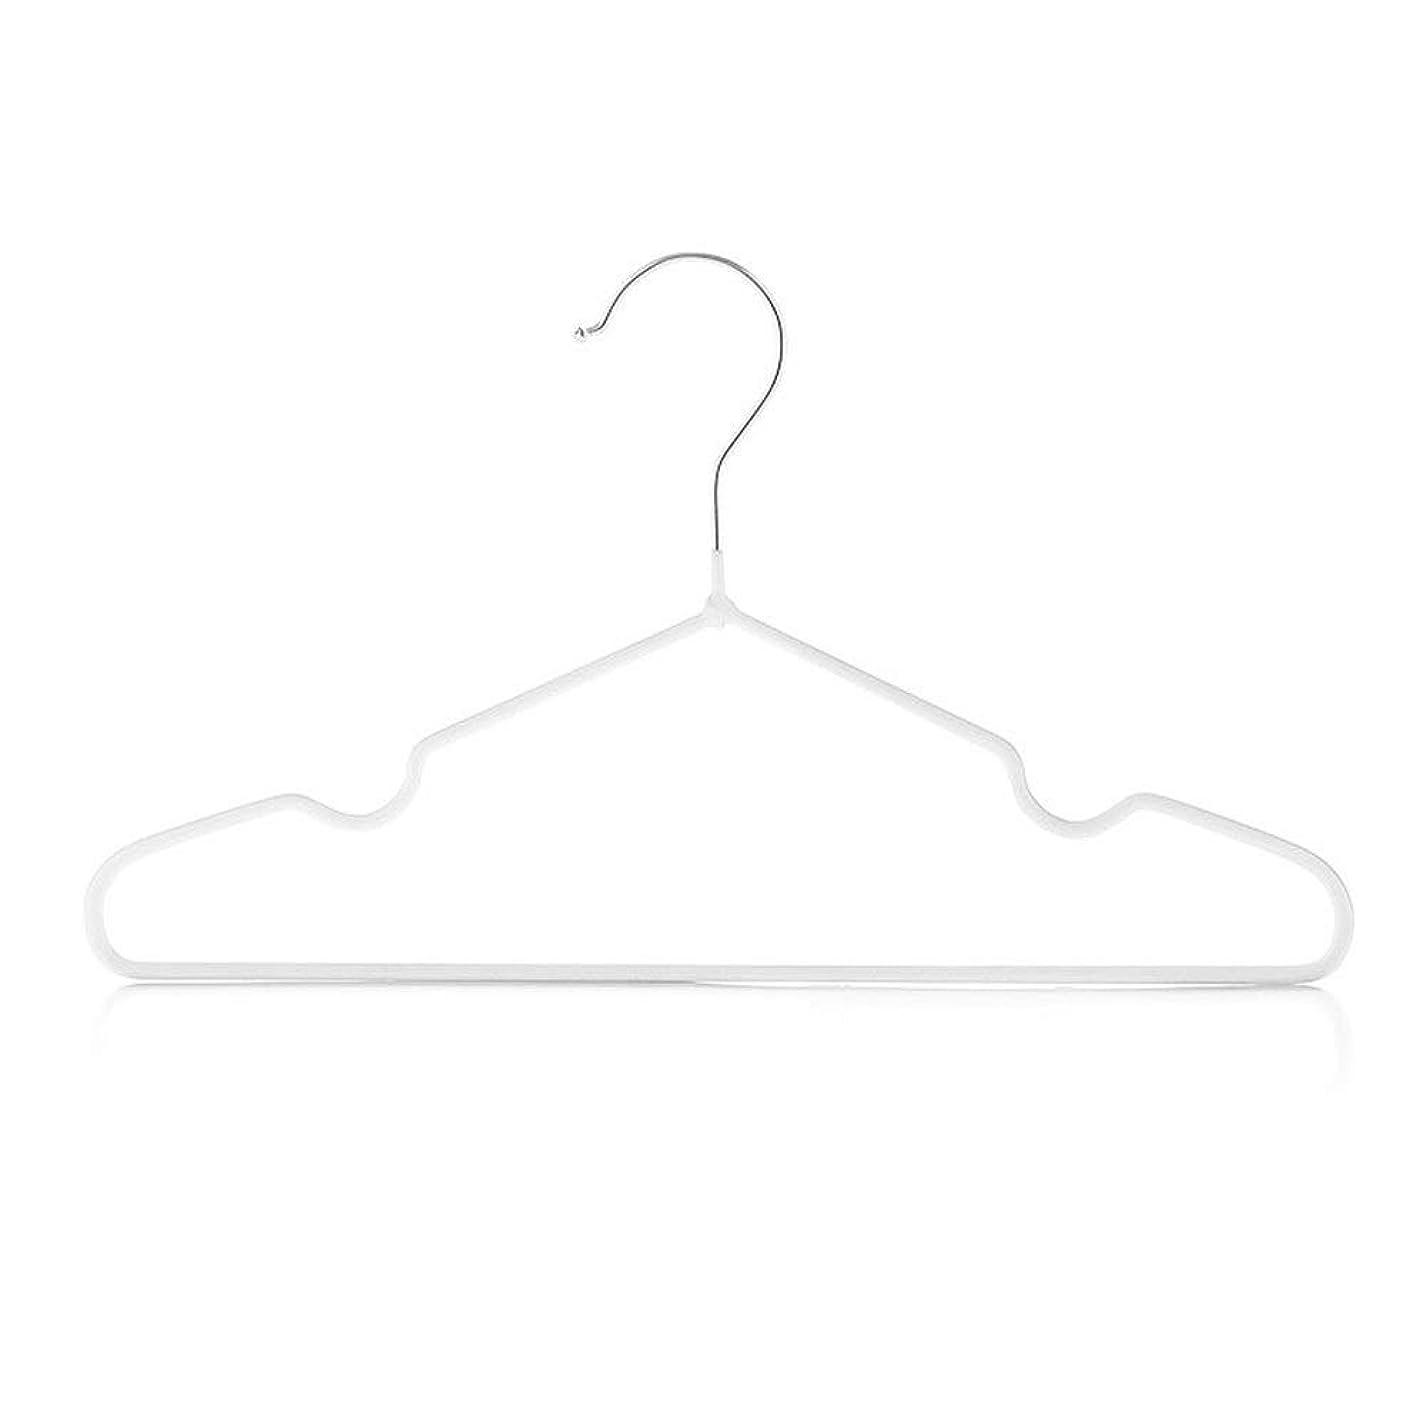 脊椎トラック発送ハンガー 25個入り子供用衣服ハンガー濡れて乾燥した溝のある子供用衣服子供用の大胆な滑り止め服 ベーシックハンガー (Color : D, Size : 29.5x17x0.4cm)